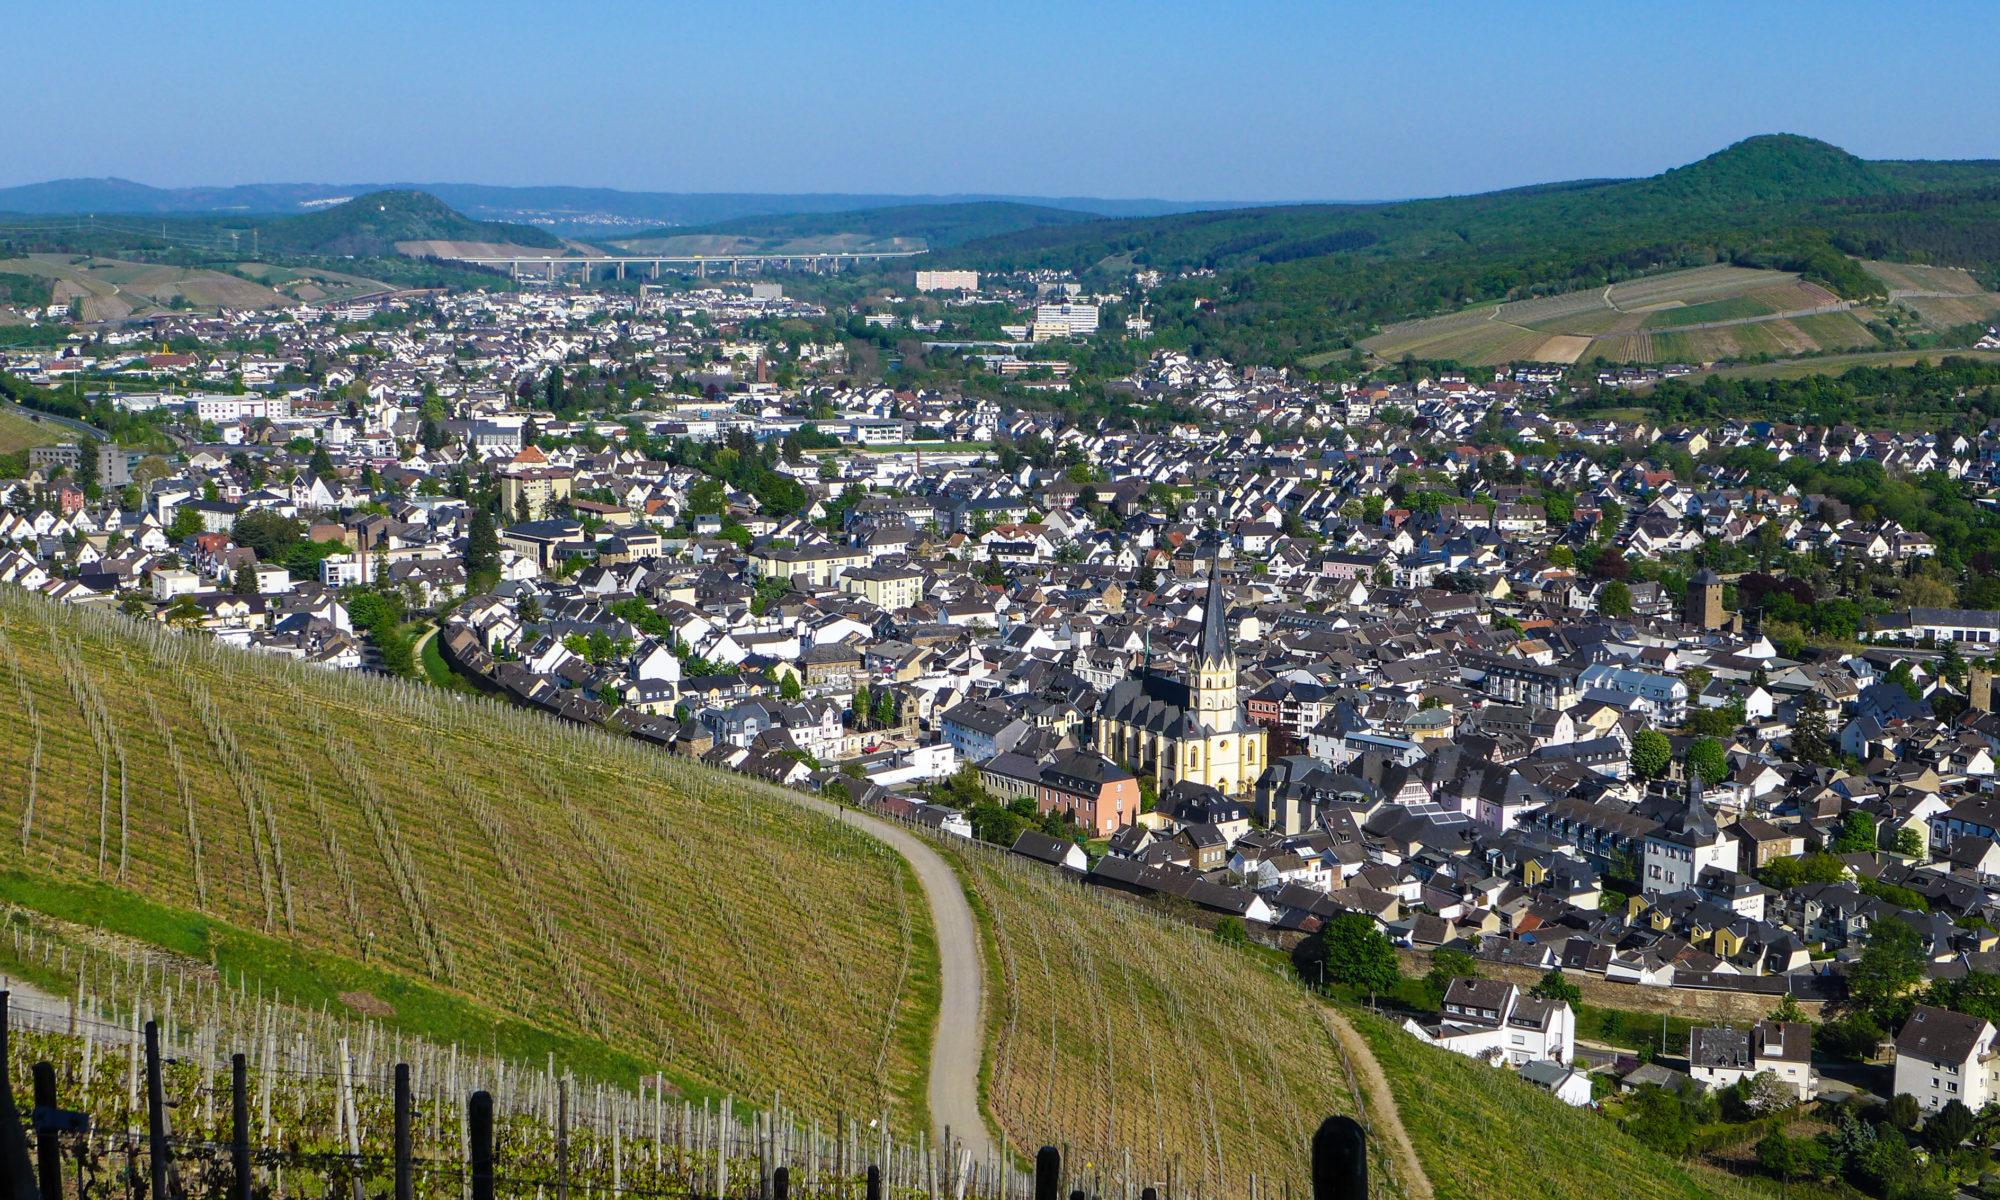 Kreisstadt Bad Neuenahr-Ahrweiler Bild 1